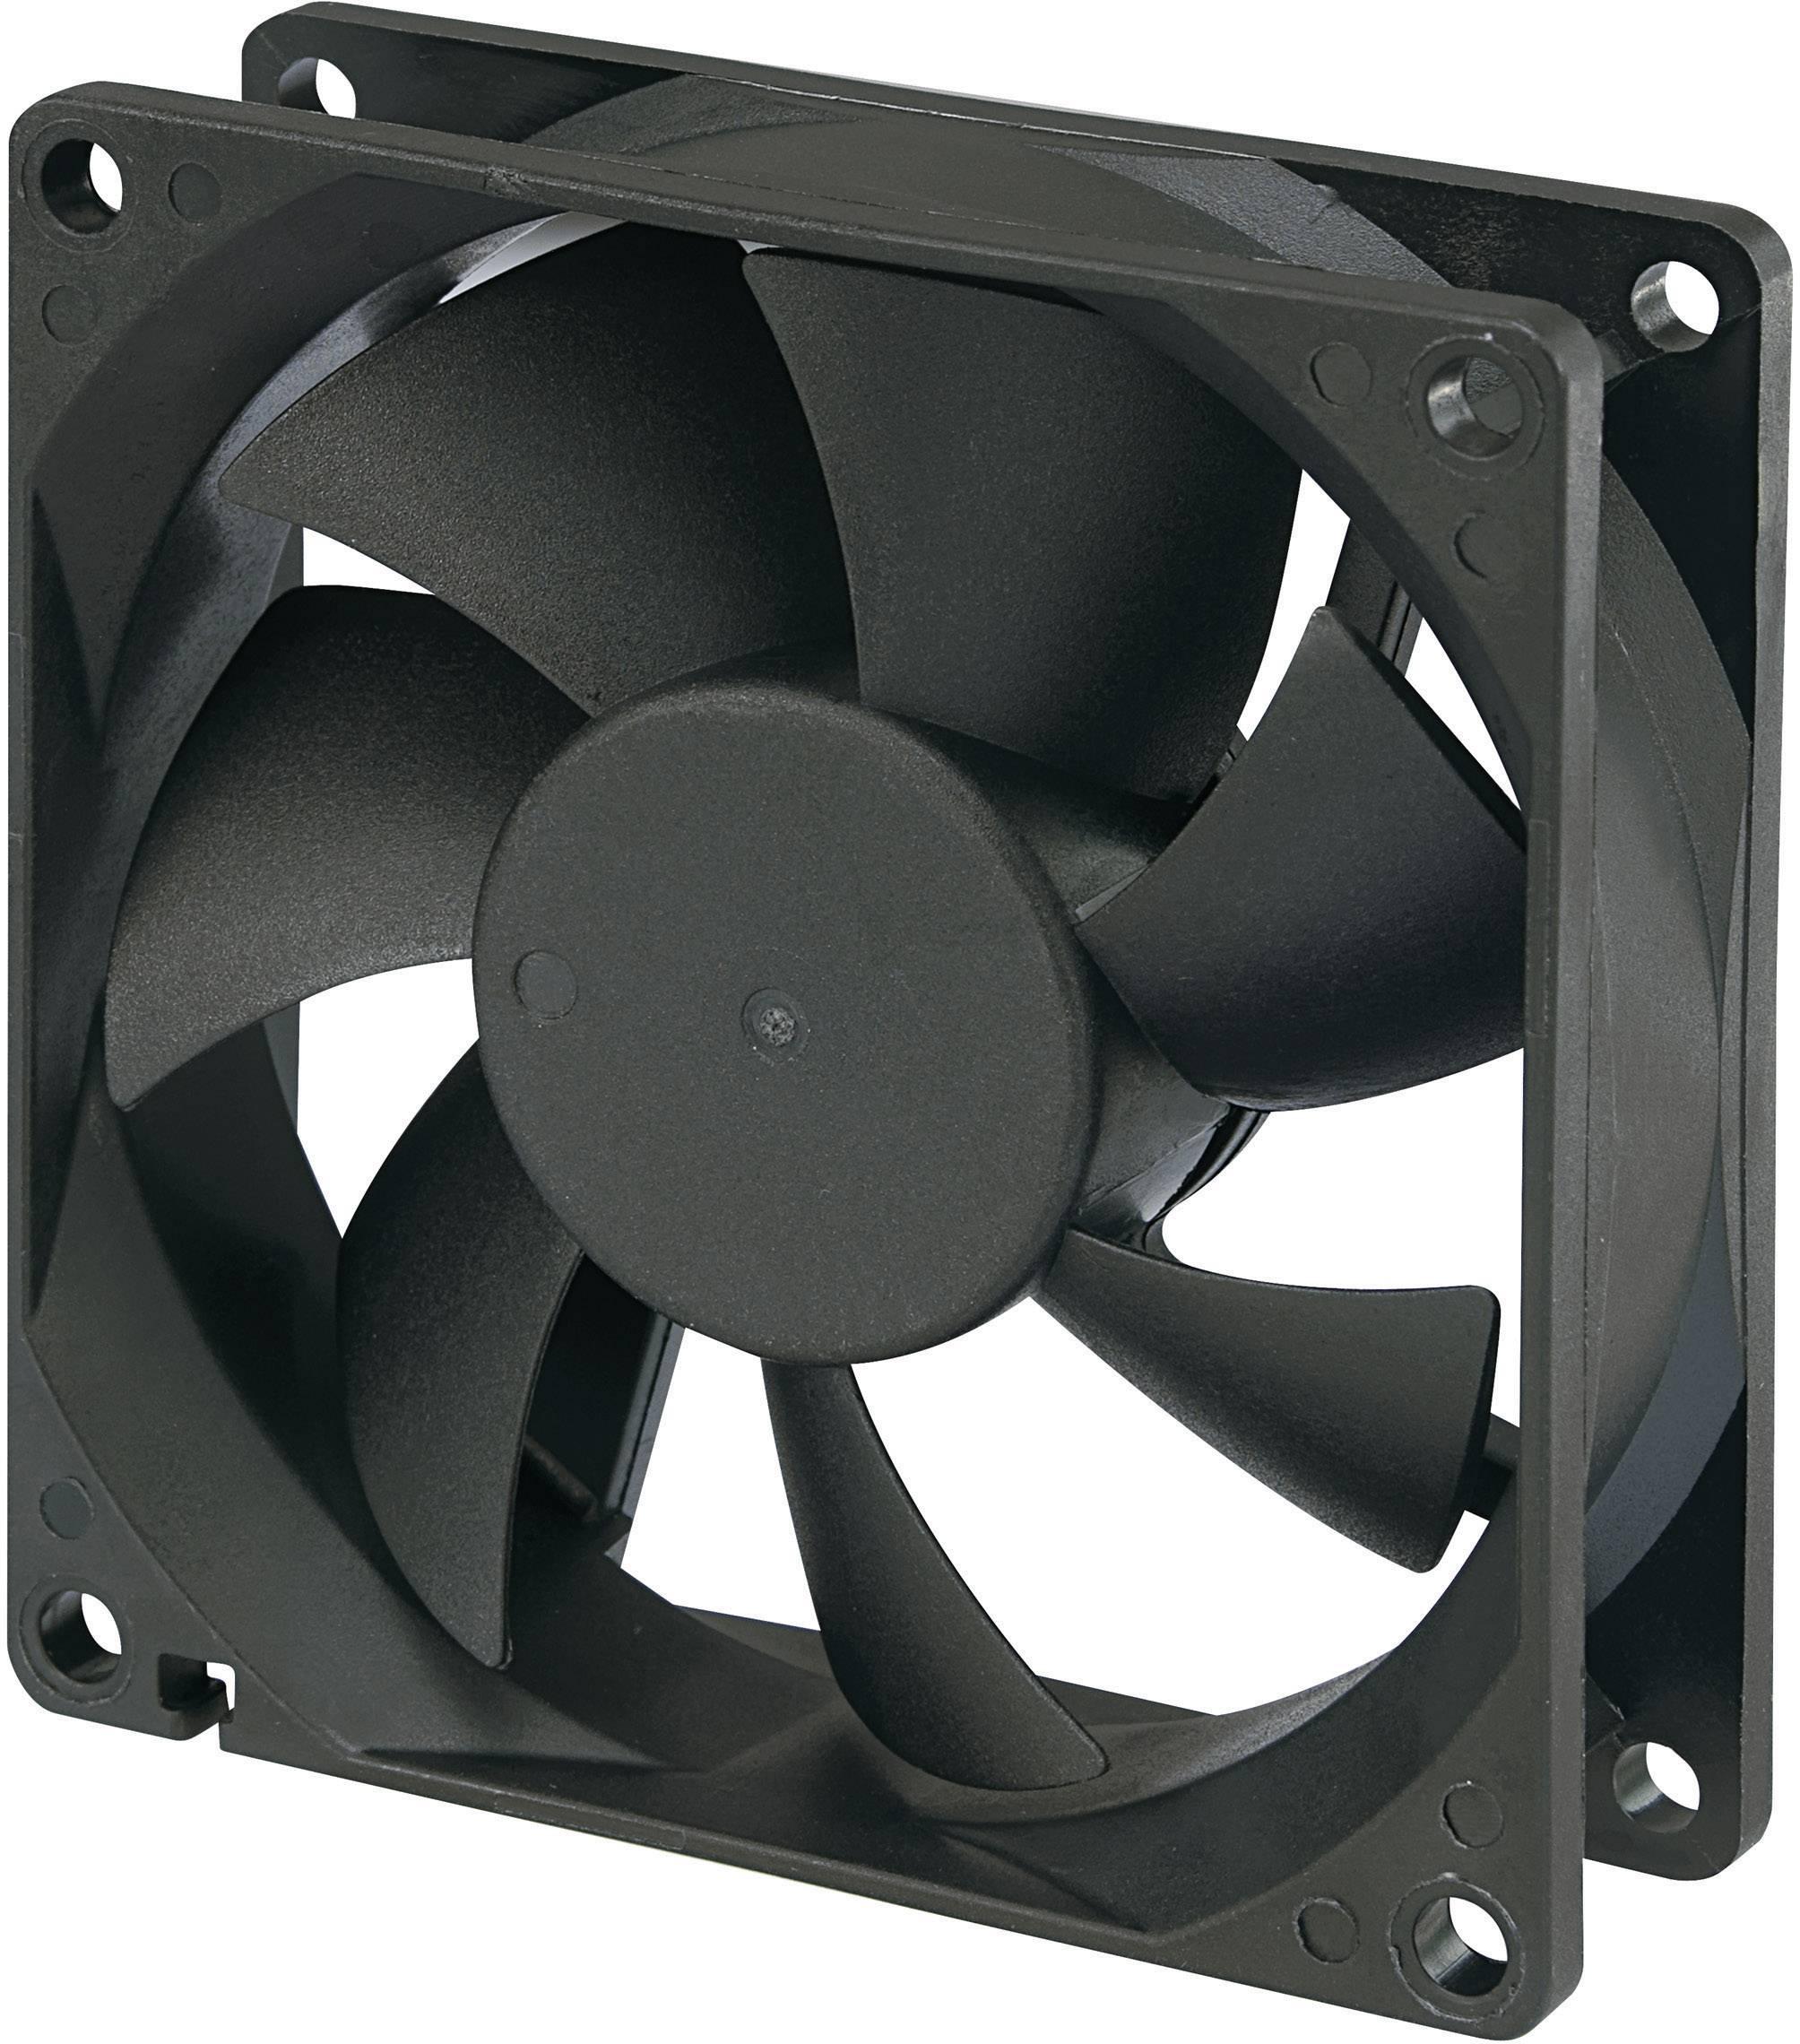 Voděodolný axiální ventilátor, RD8025B24L, 24 V, 25 dBA, 80 x 80 x 25 mm